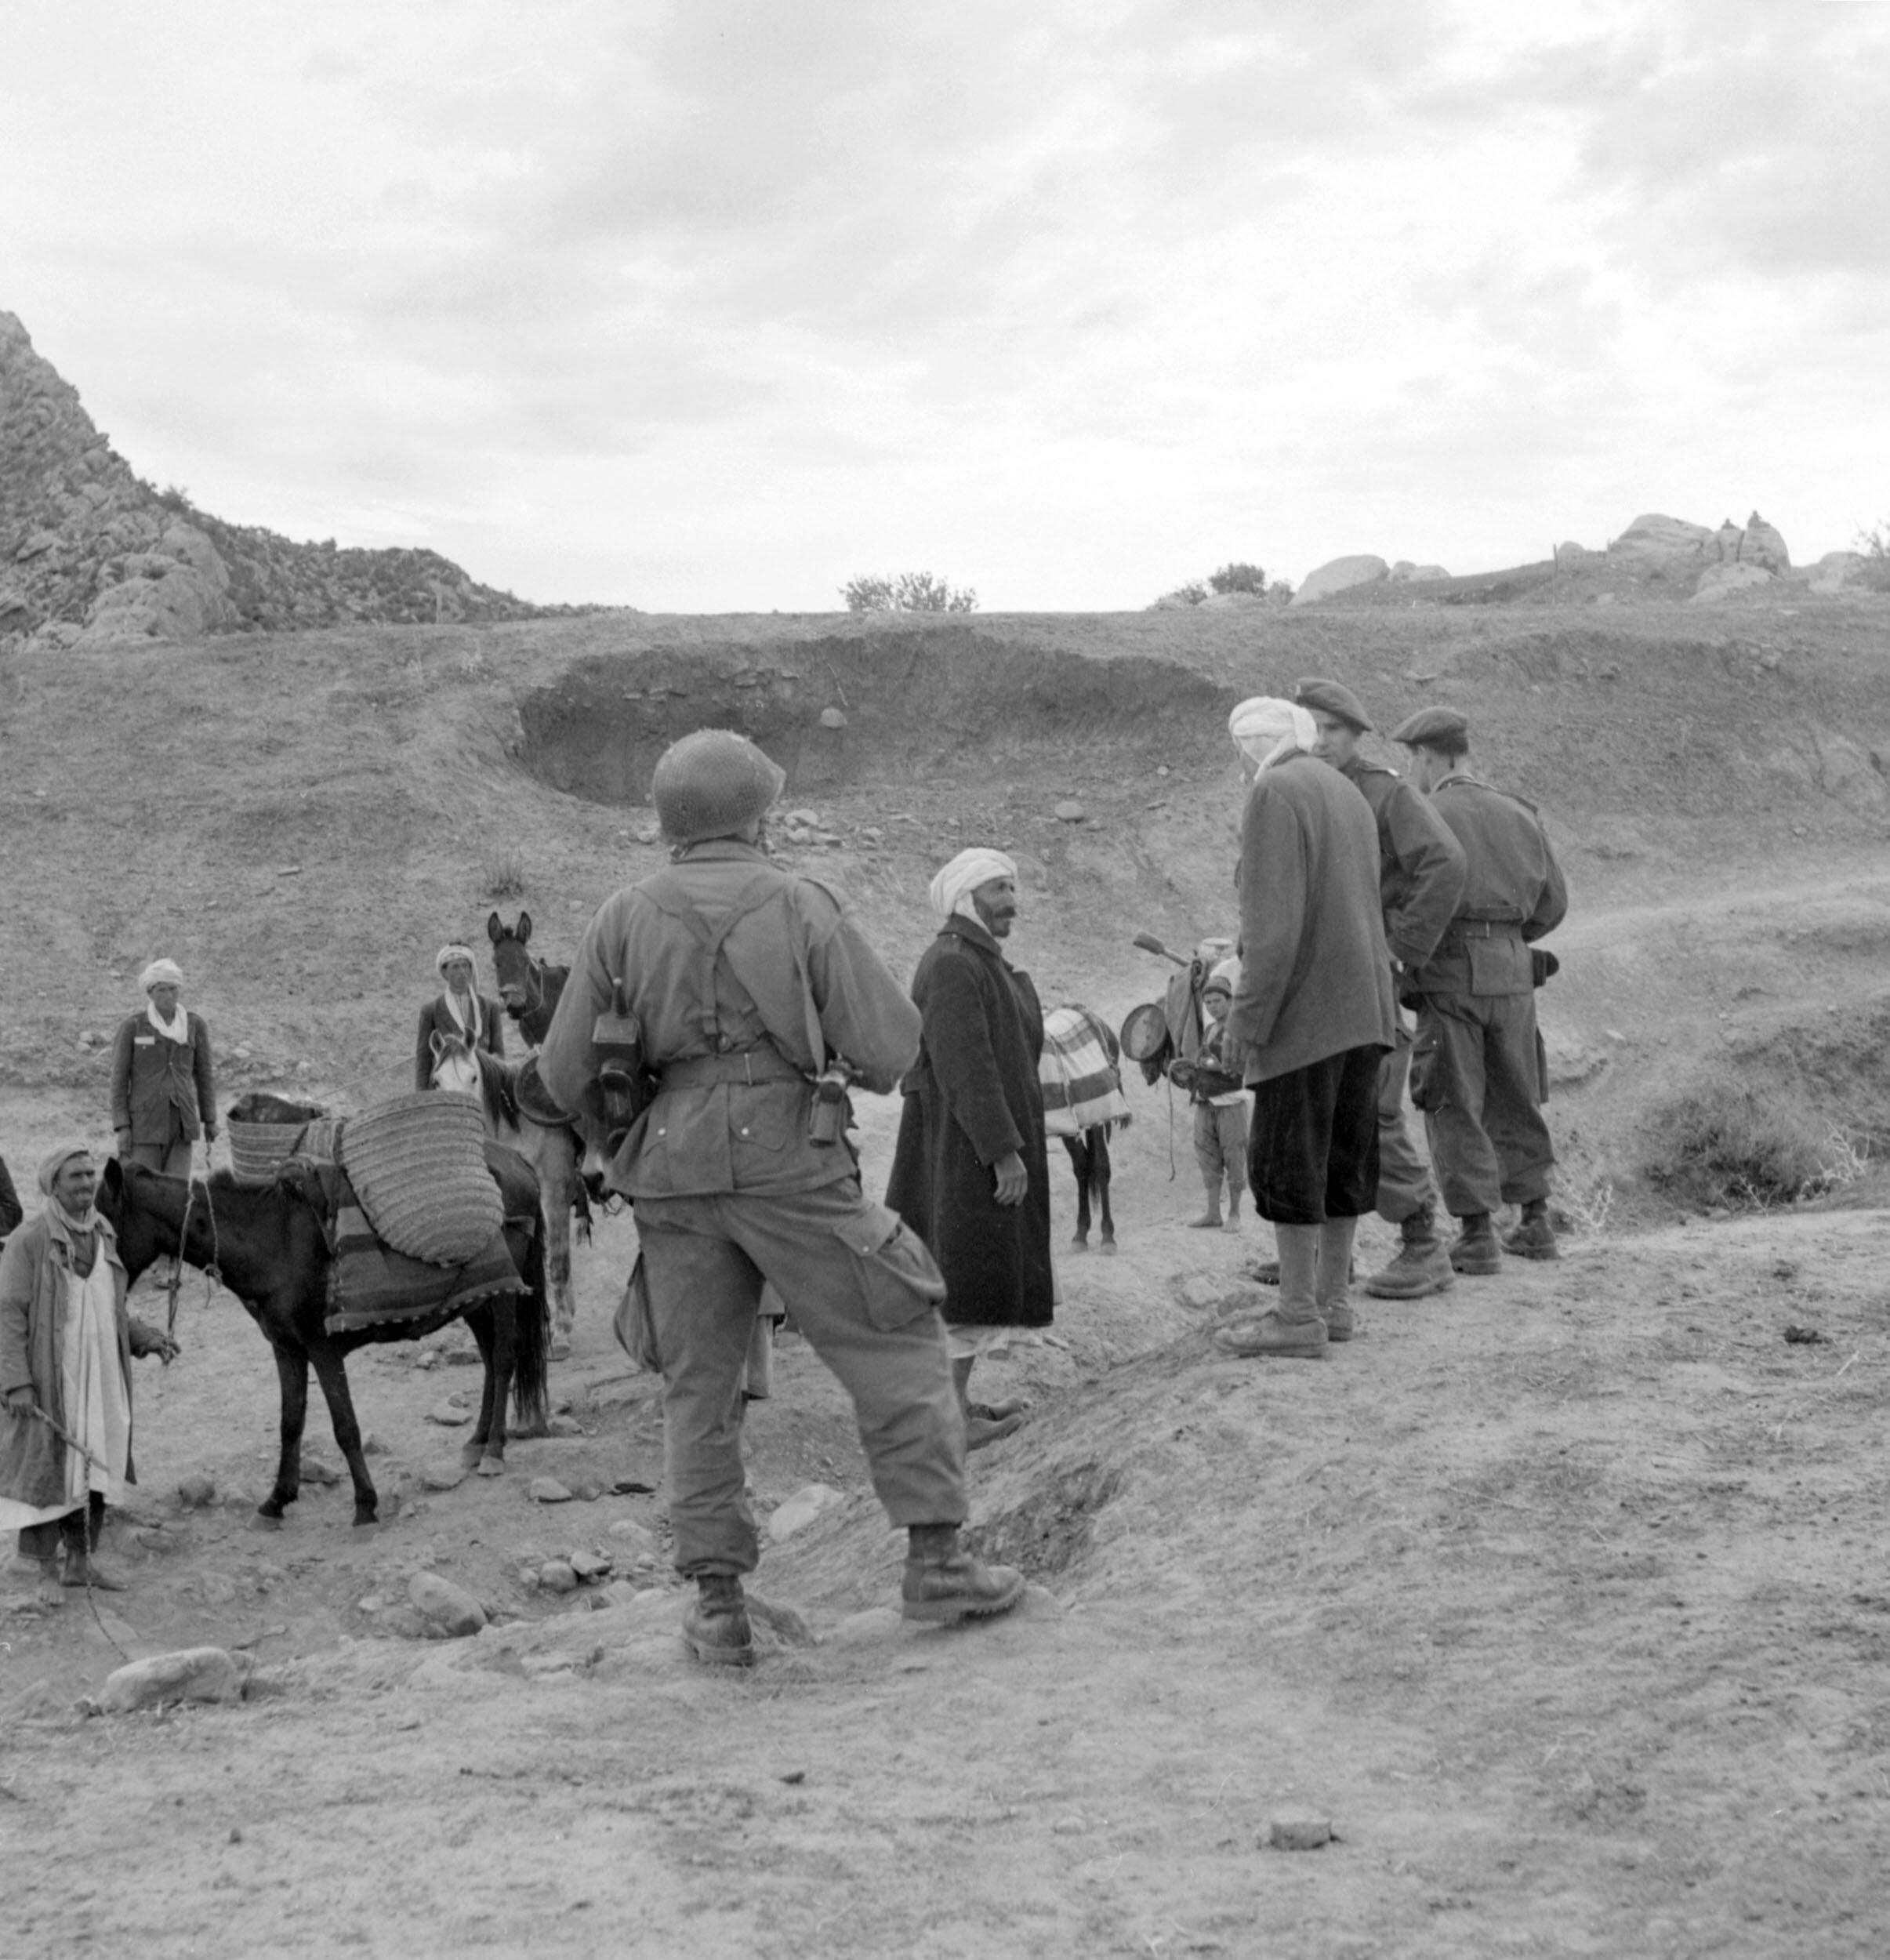 Des parachutistes français en patrouille dans le massif de l'Aurès, ont arrêté une caravane et interrogent les paysans algériens, le 12 novembre 1954, dix jours après la série d'attentats qui a marqué le début de la guerre d'indépendance algérienne.